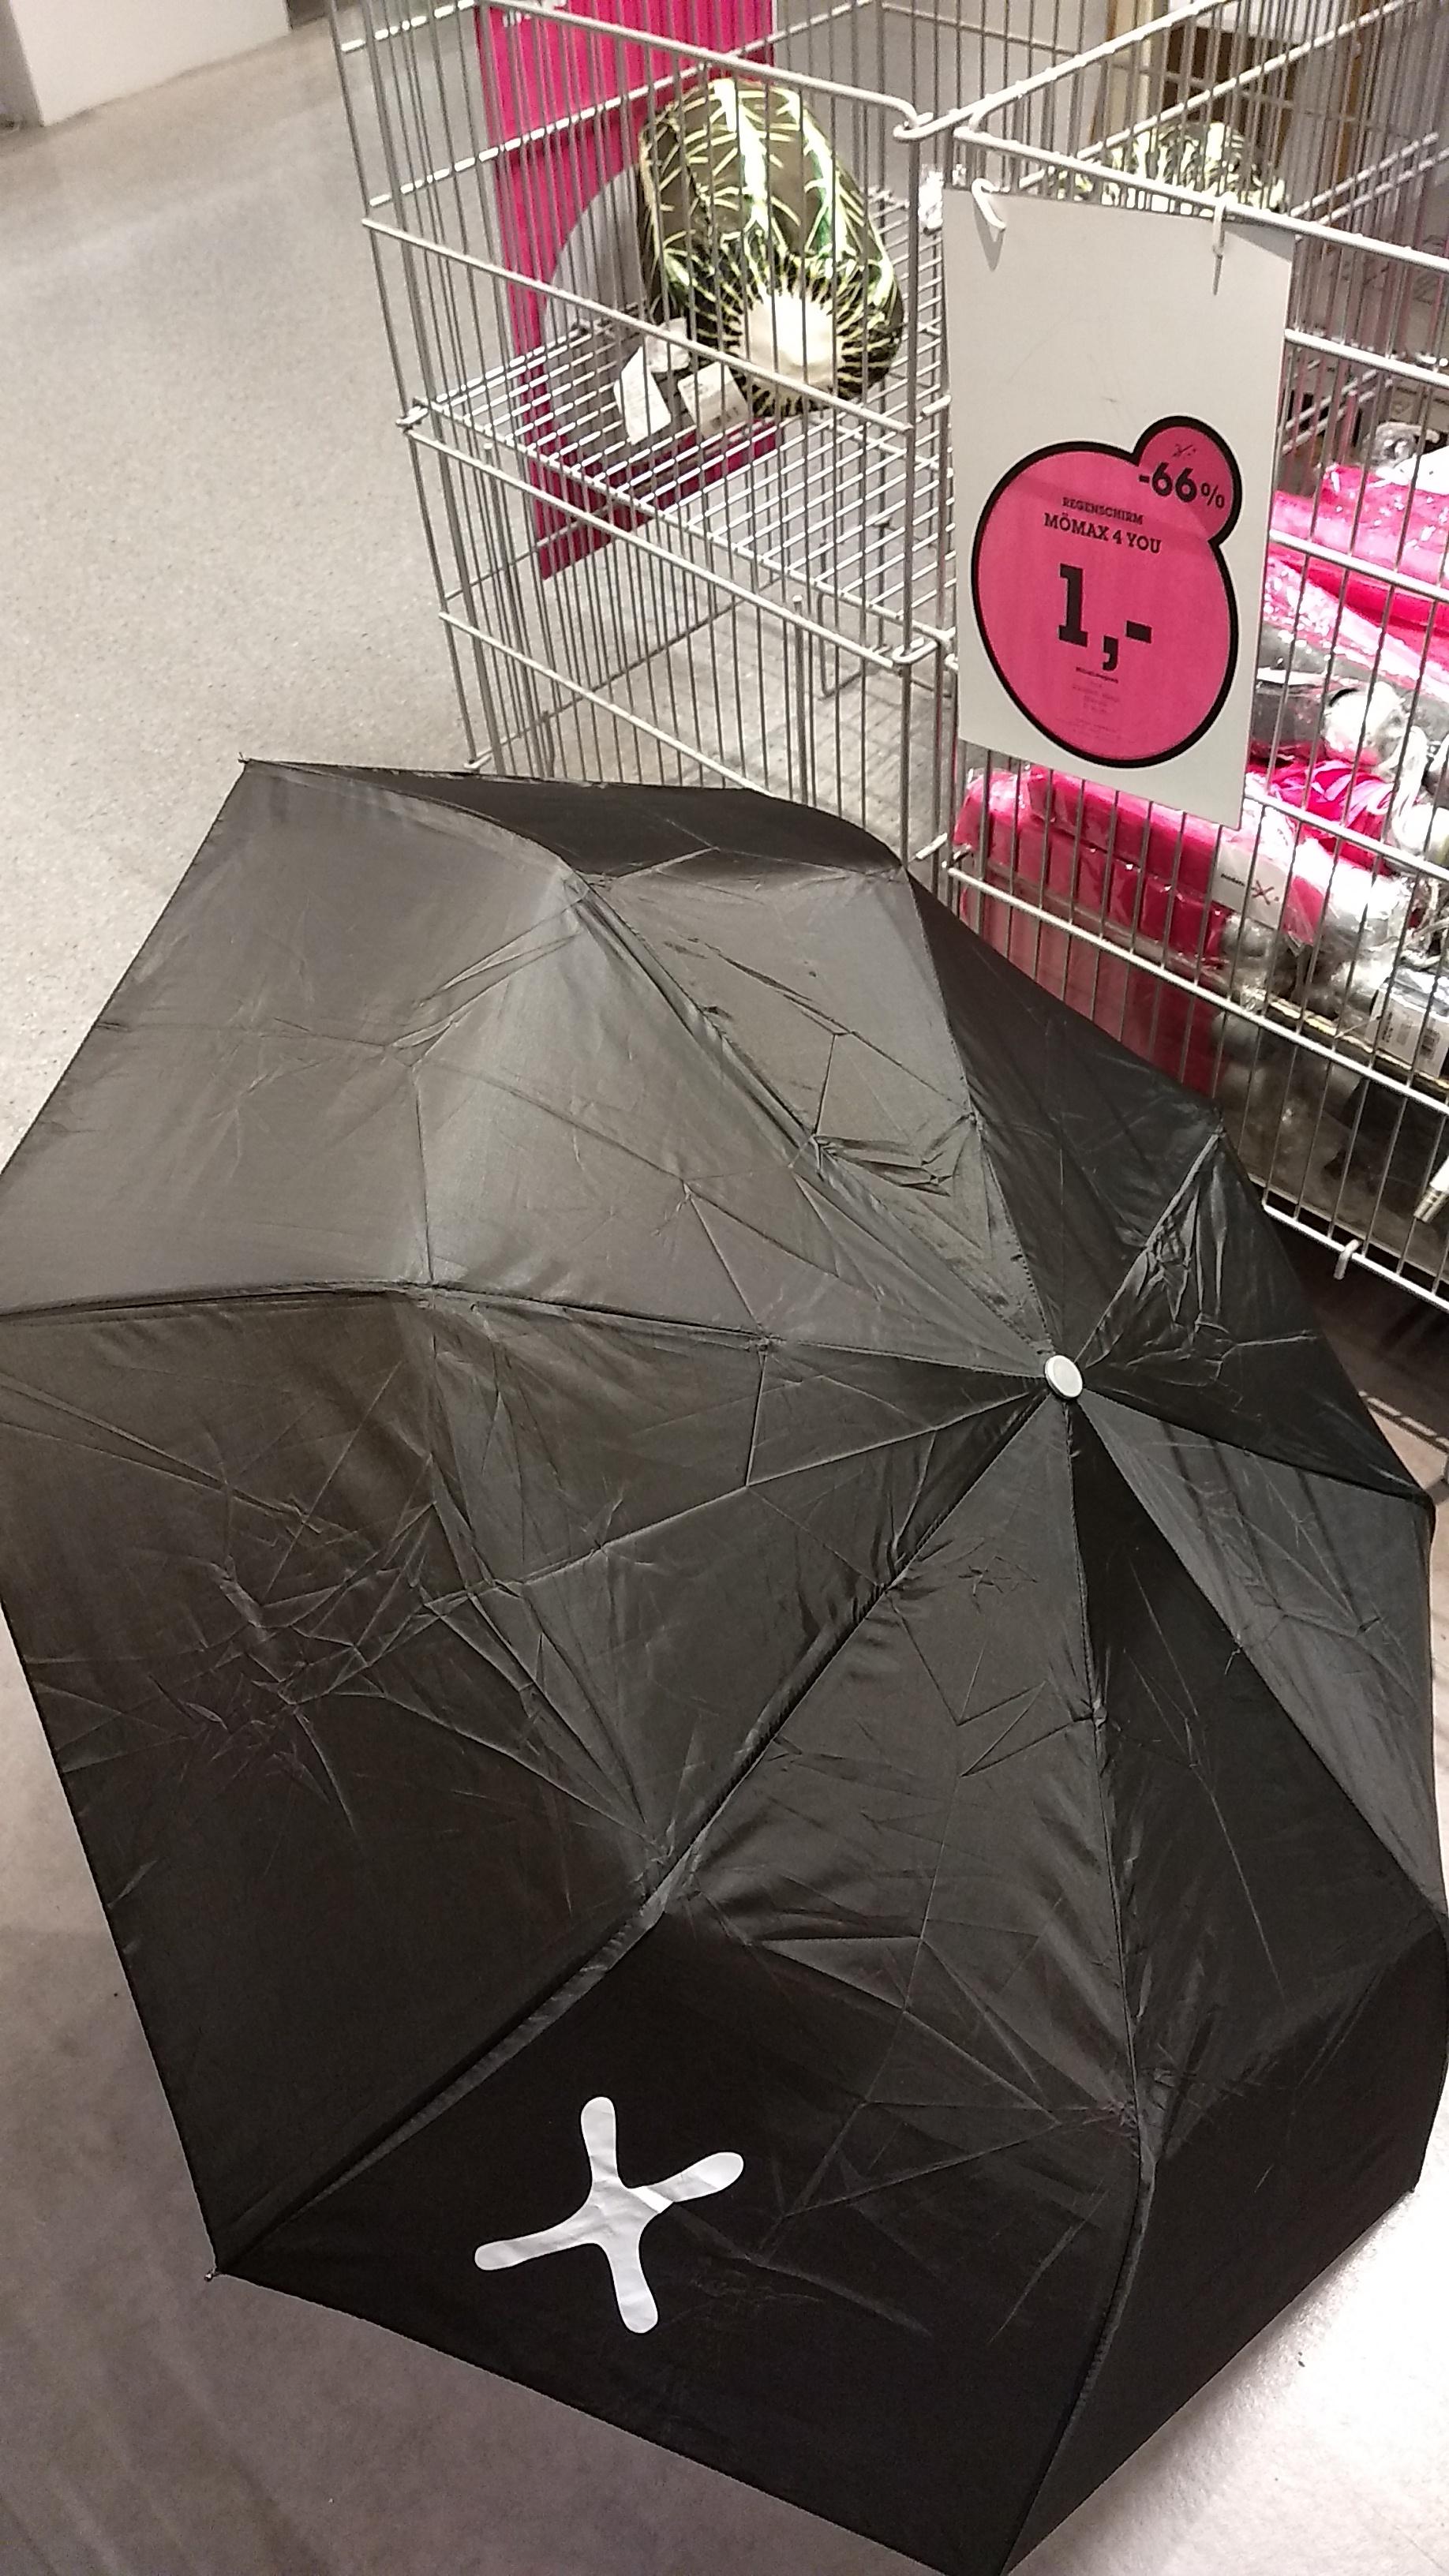 """Taschen-Regenschirm """"knirpsartige Ausführung"""": 1,-"""